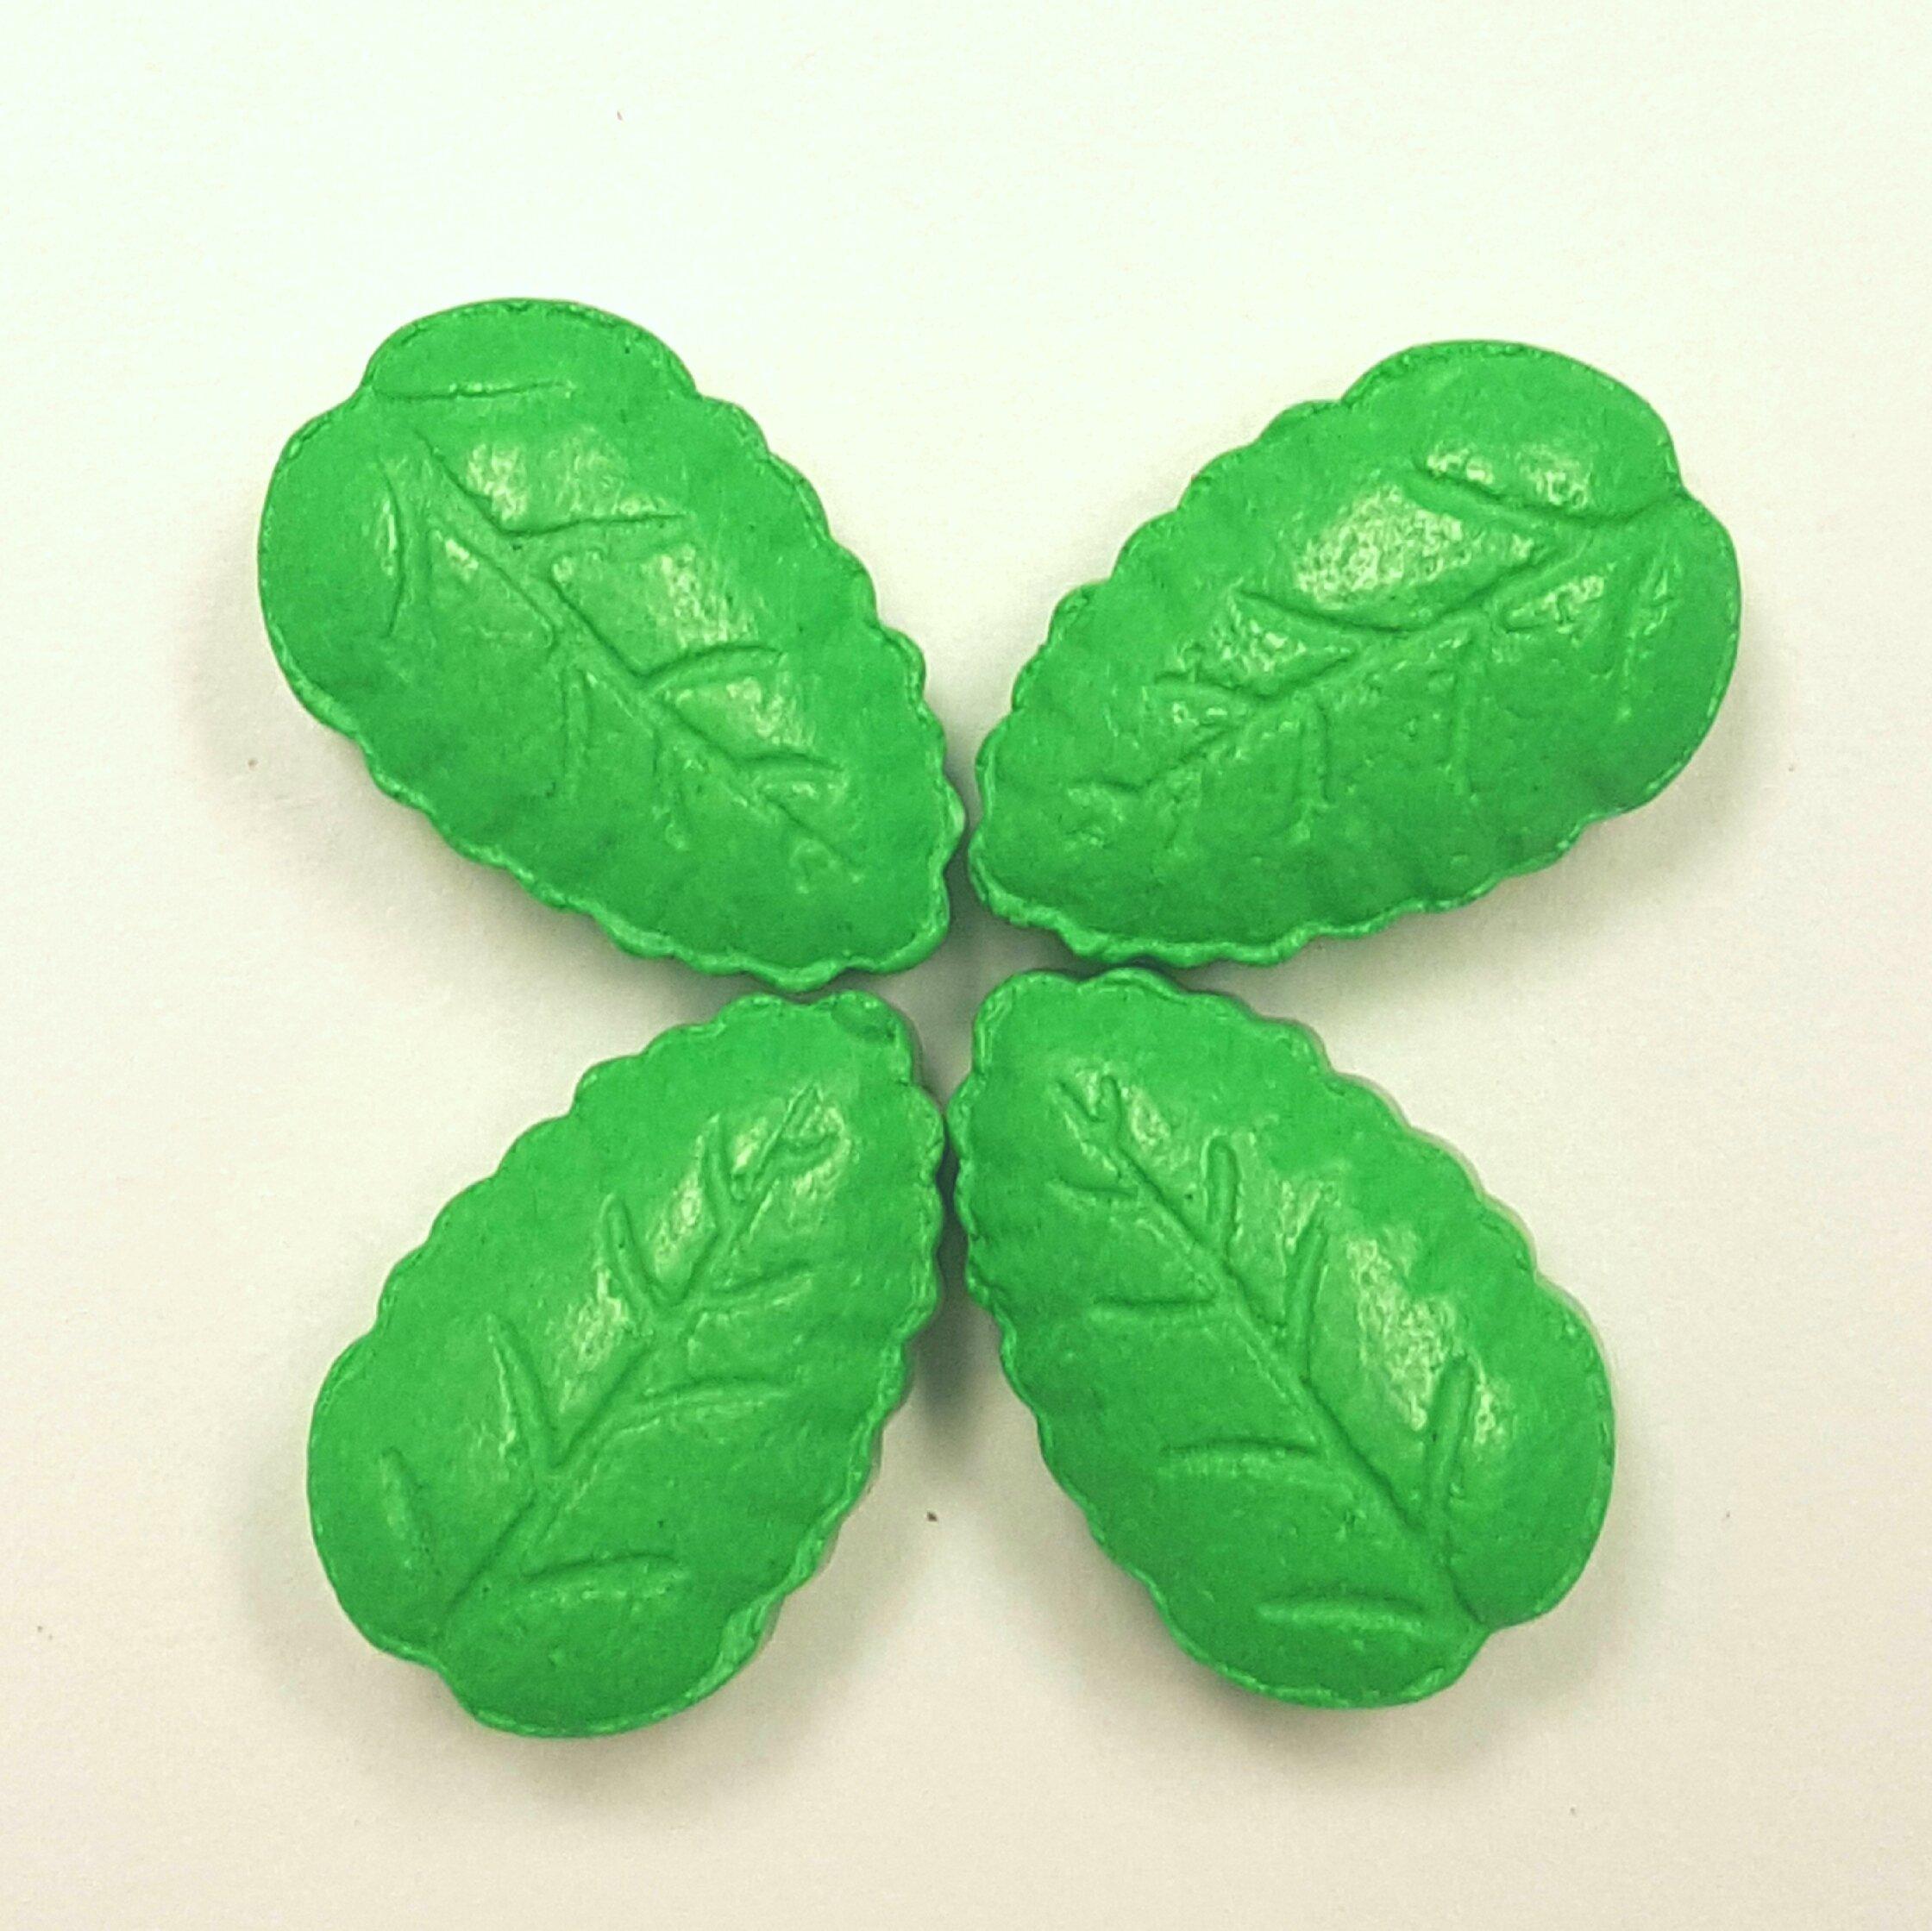 Herb viagra green box ingredients